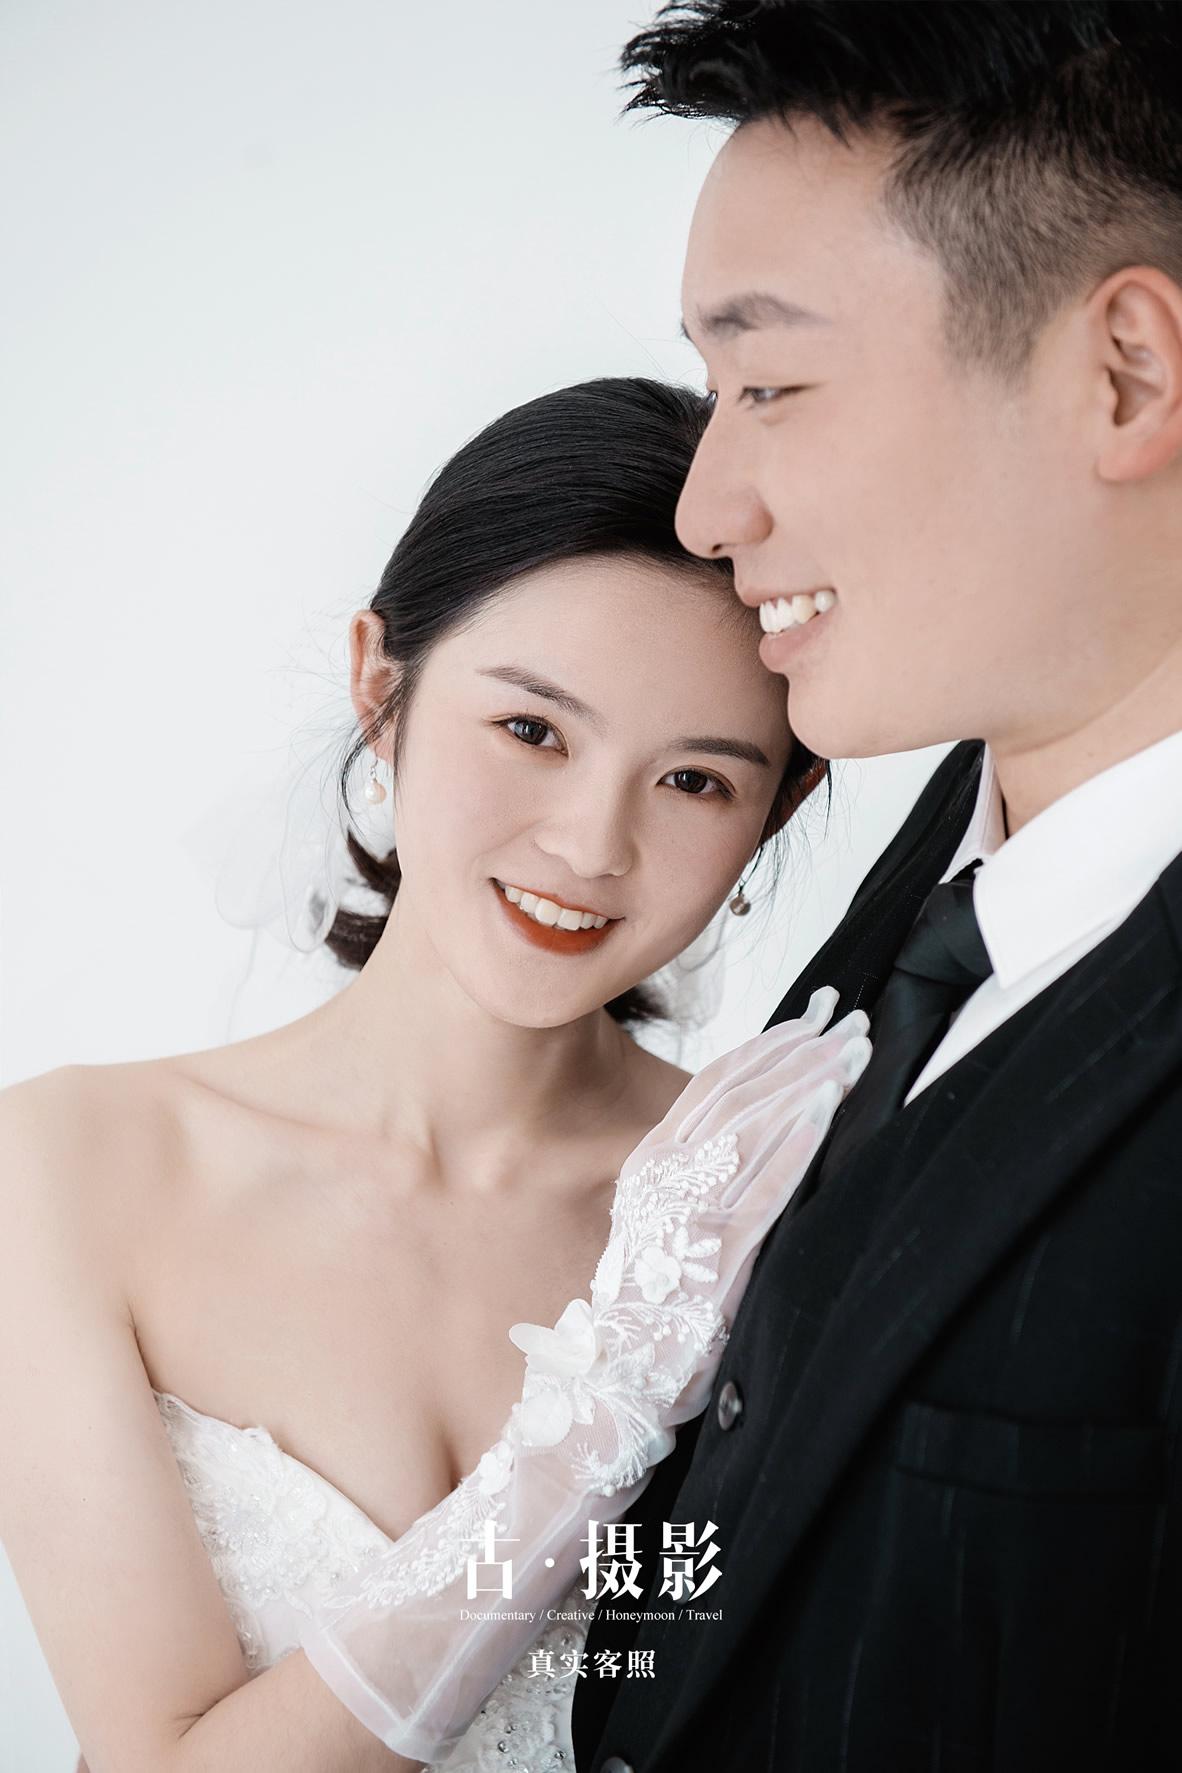 王小姐夫妇 - 每日客照 - 古摄影婚纱艺术-古摄影成都婚纱摄影艺术摄影网